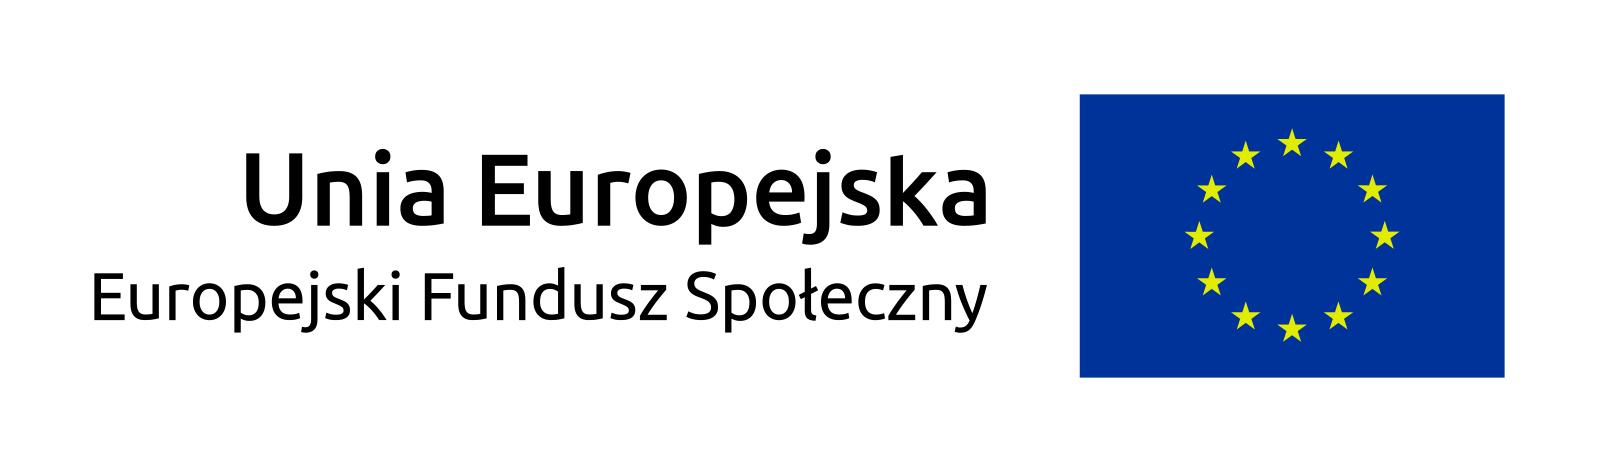 Znalezione obrazy dla zapytania unia europejska logo